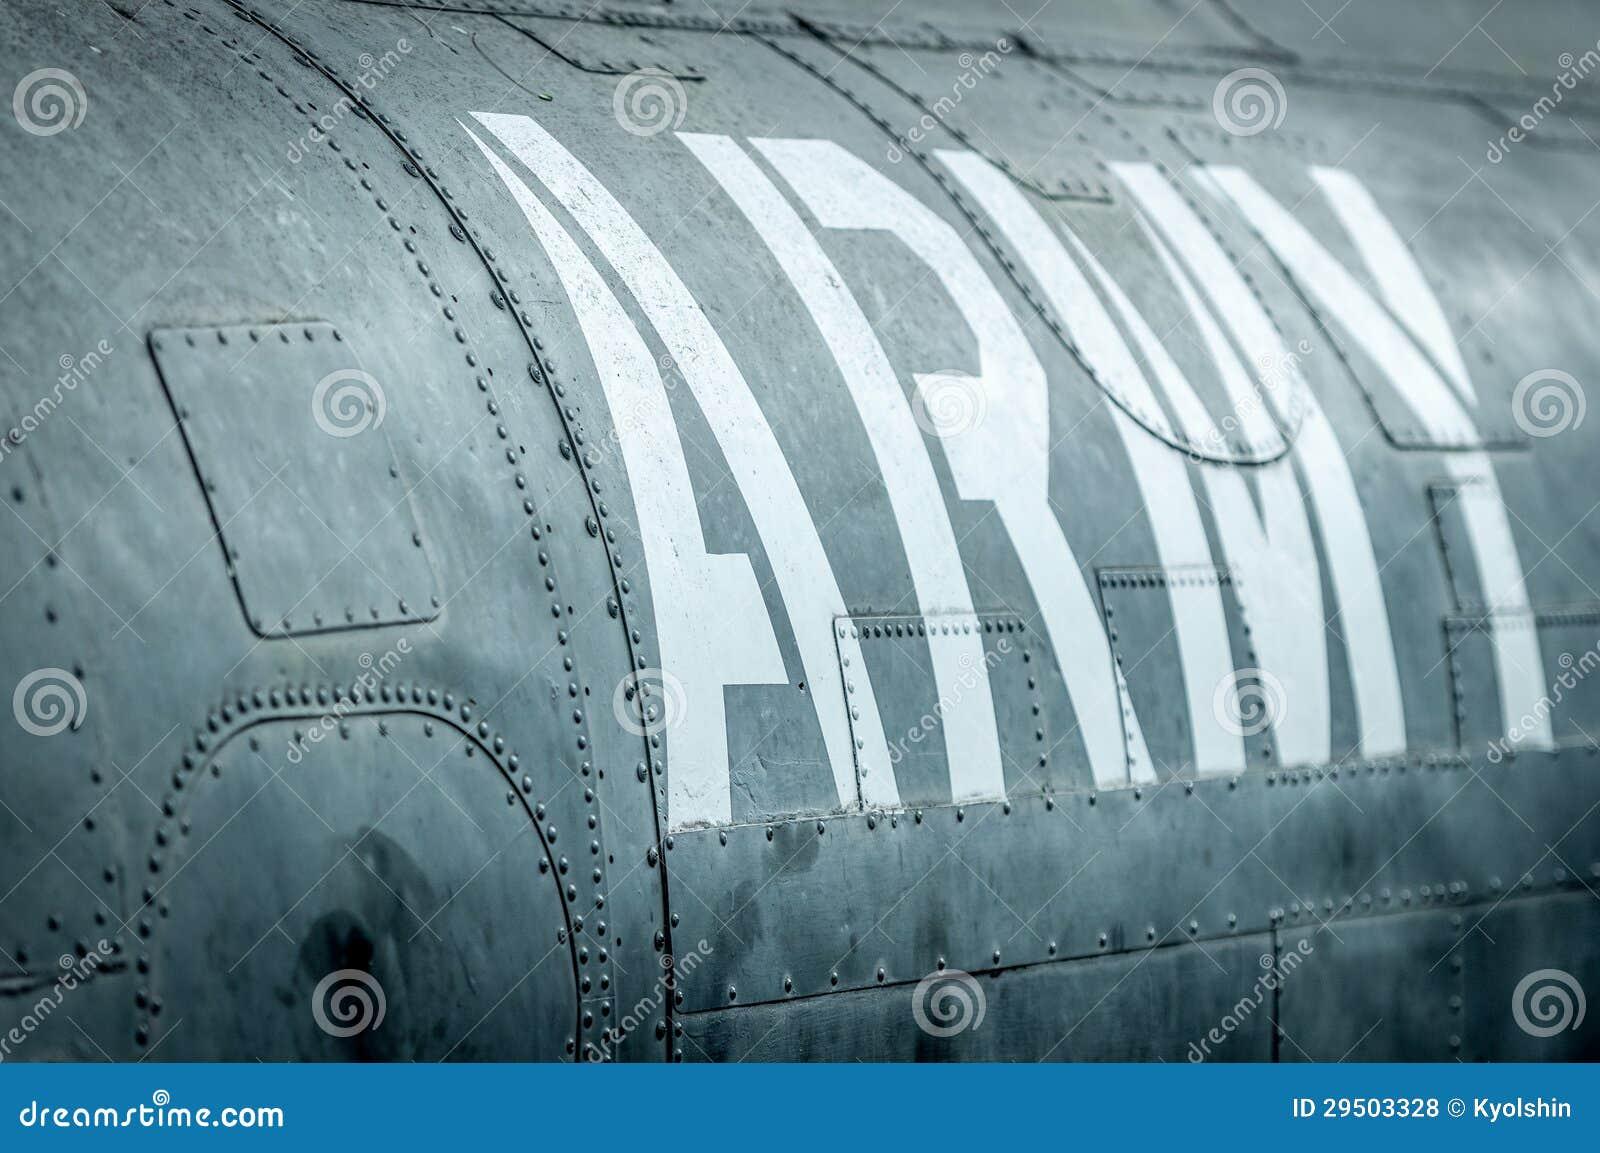 Zijaanzicht van militair vliegtuig met inschrijving.